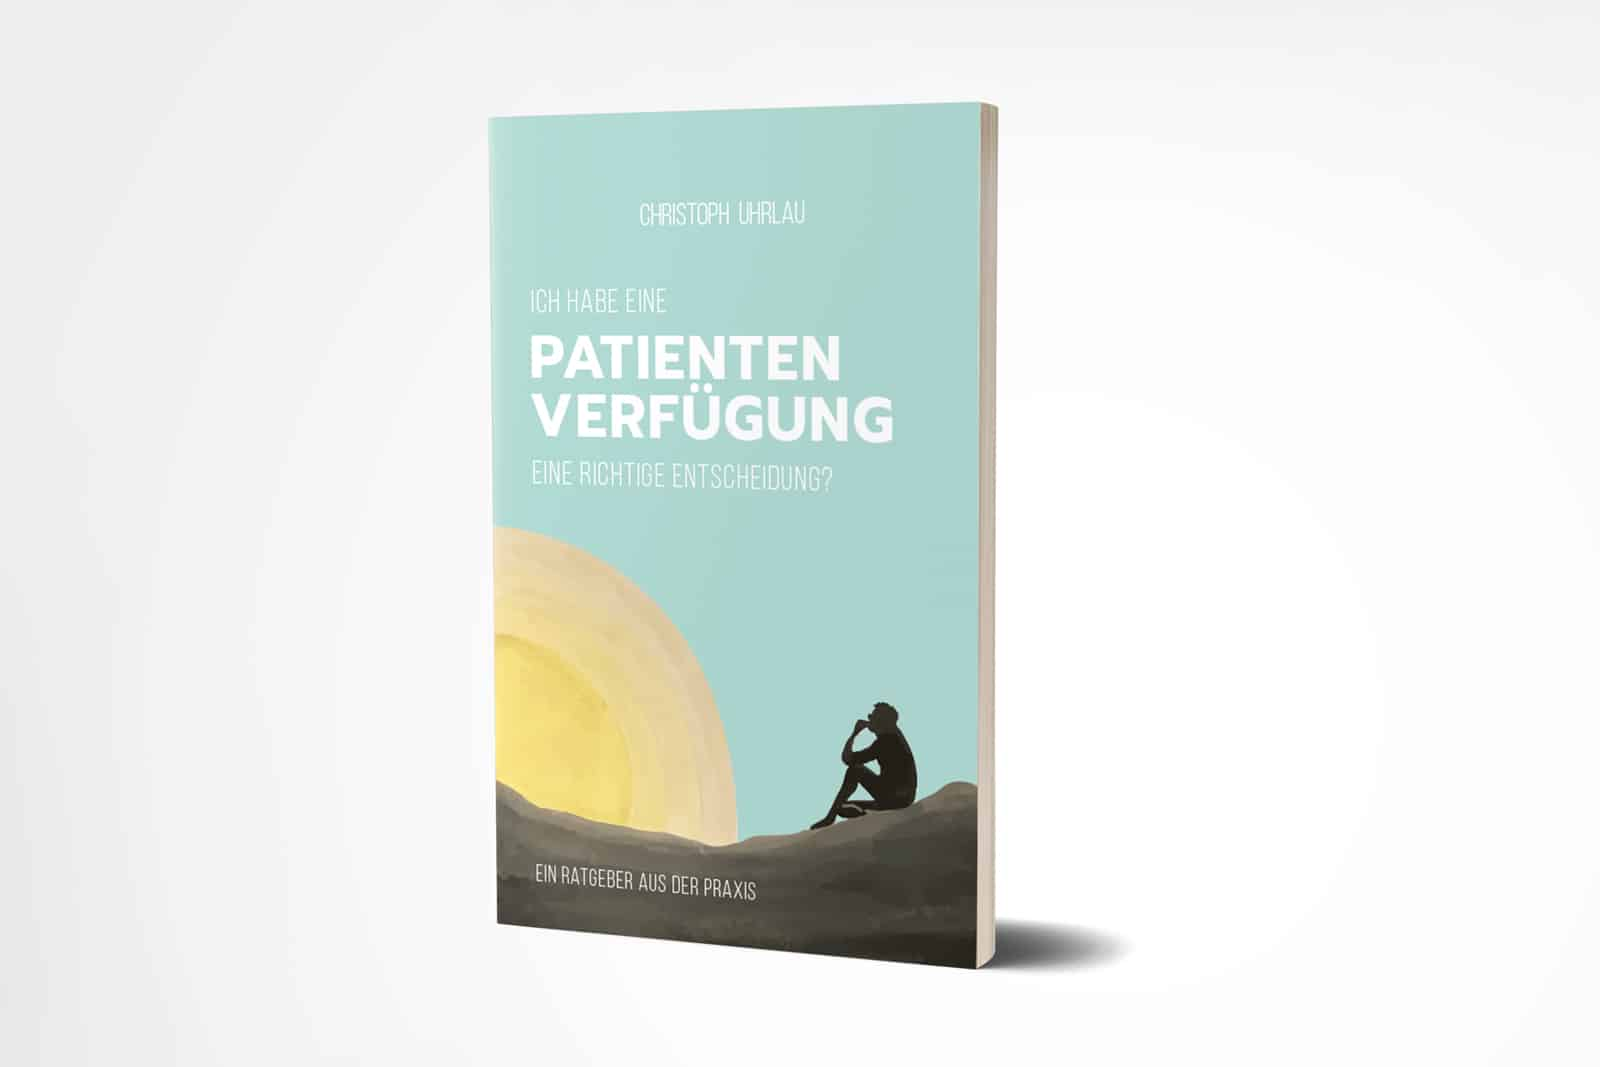 Buchcover für ein Ratgeber zur Patientenverfügung